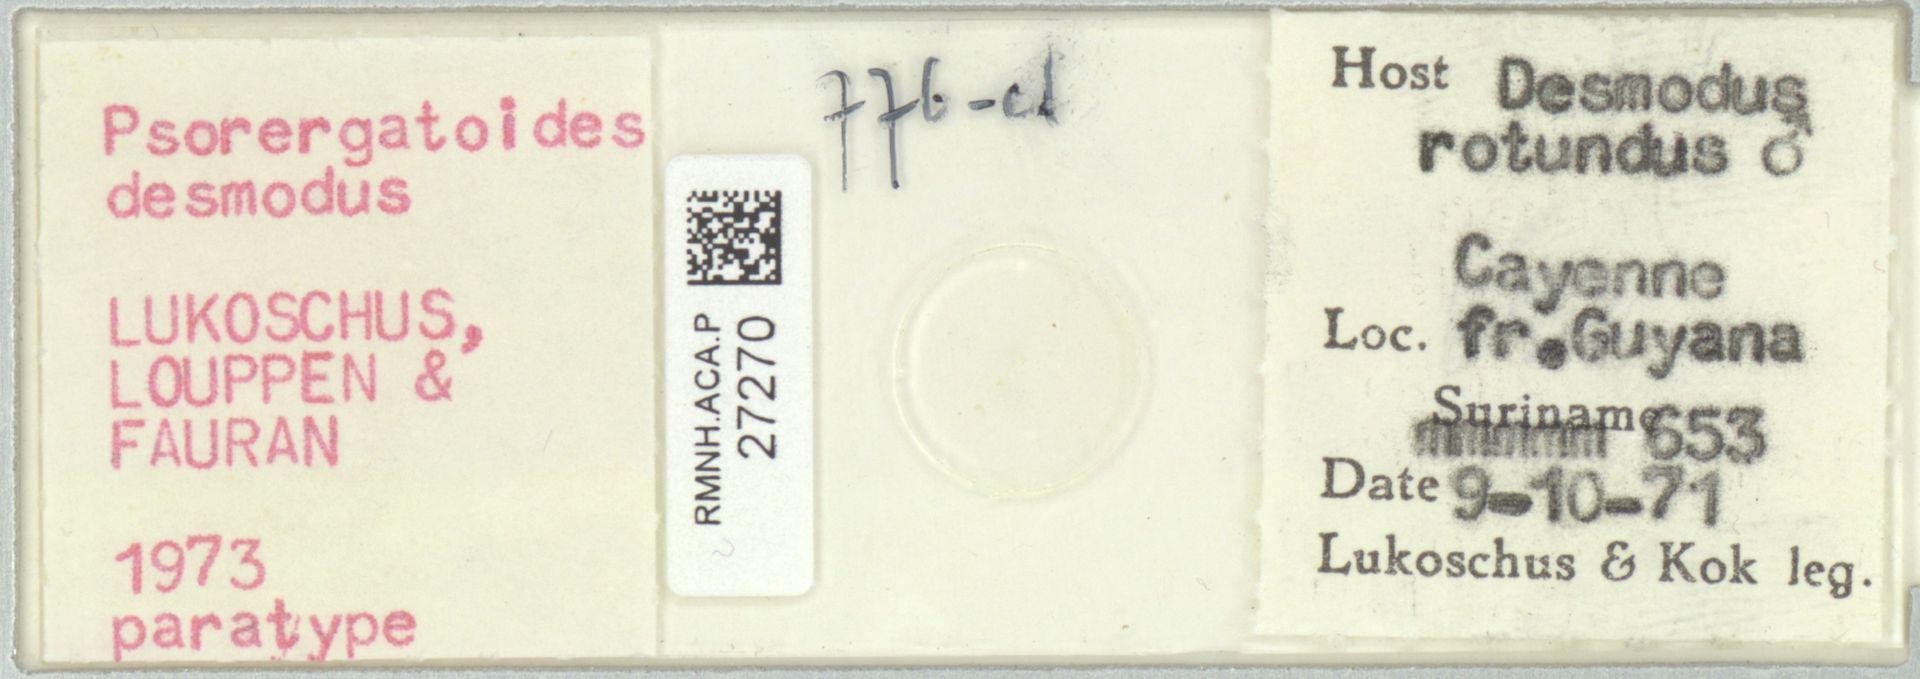 RMNH.ACA.P.27270 | Psorergatoides desmodus Lukoschus, Louppen & Fauran 1973